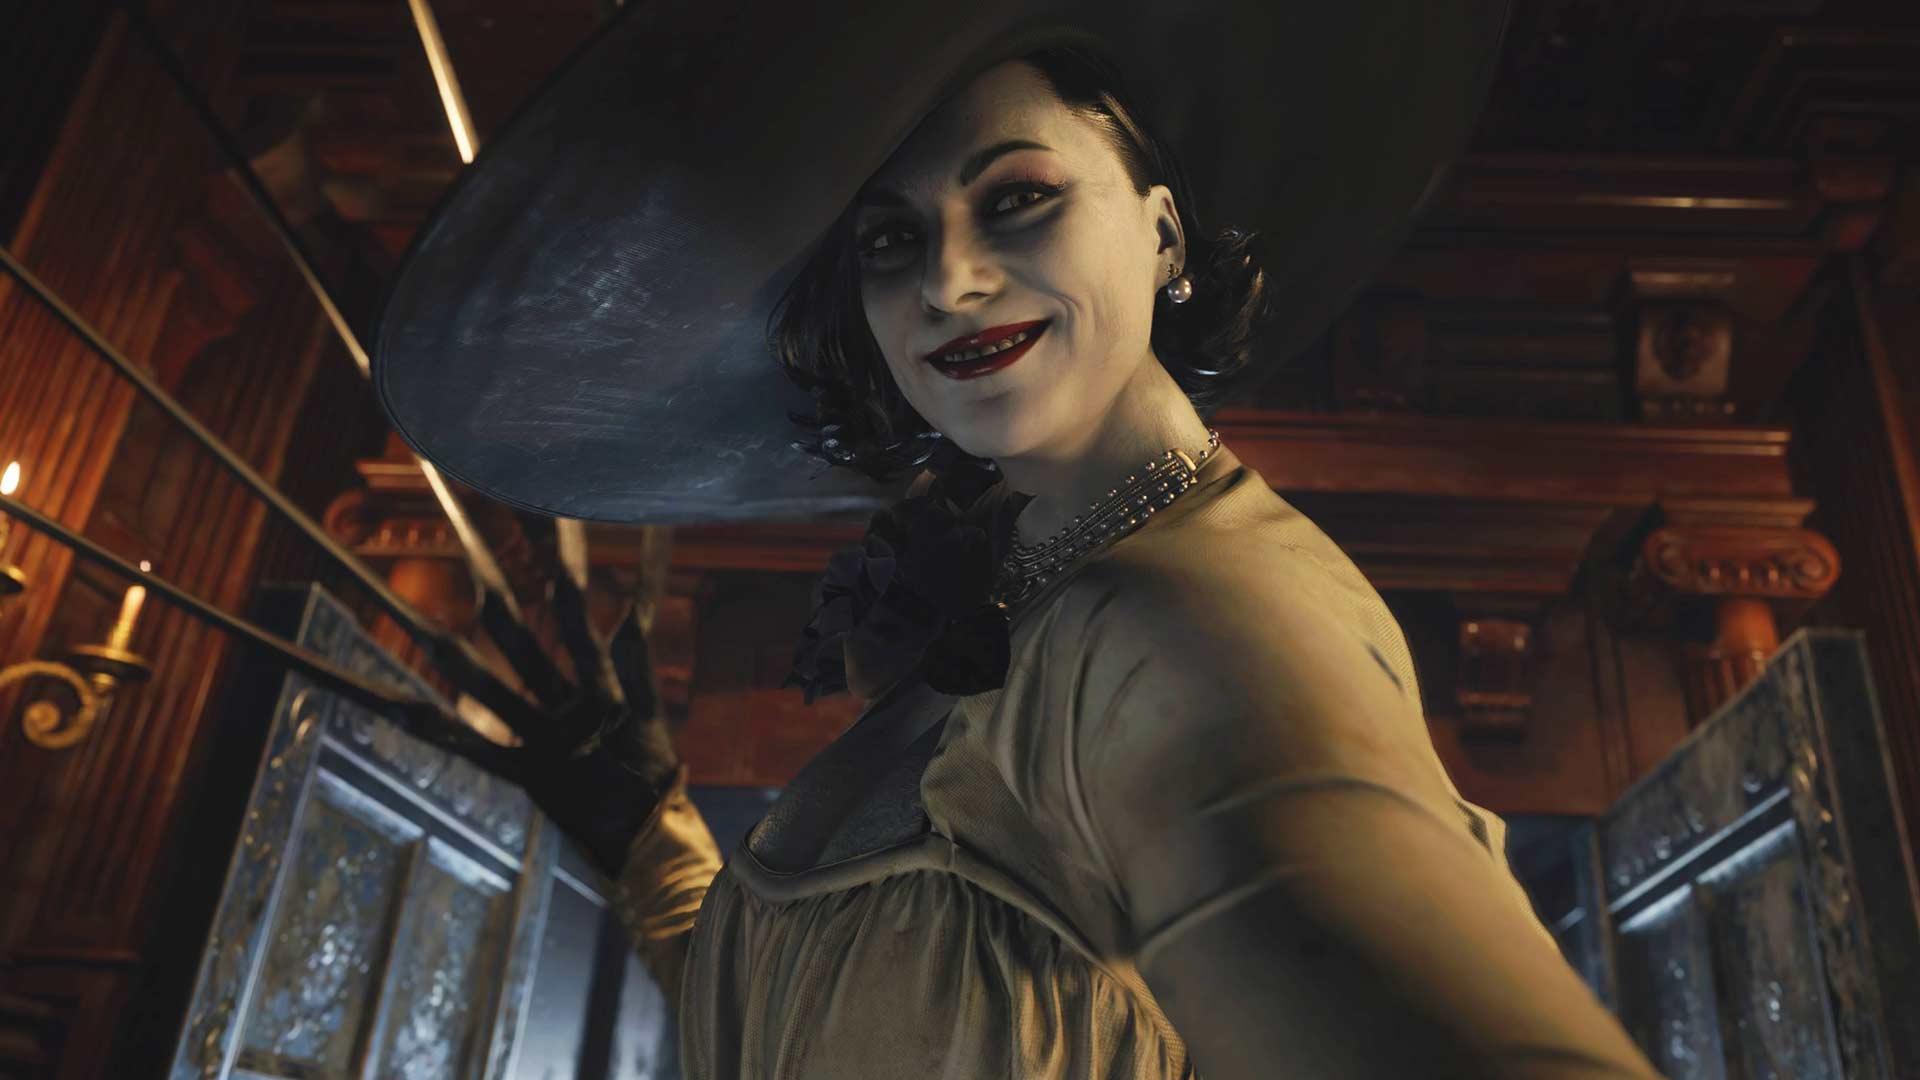 La popular cosplayer Enako reacciona a la demo de Resident Evil Village